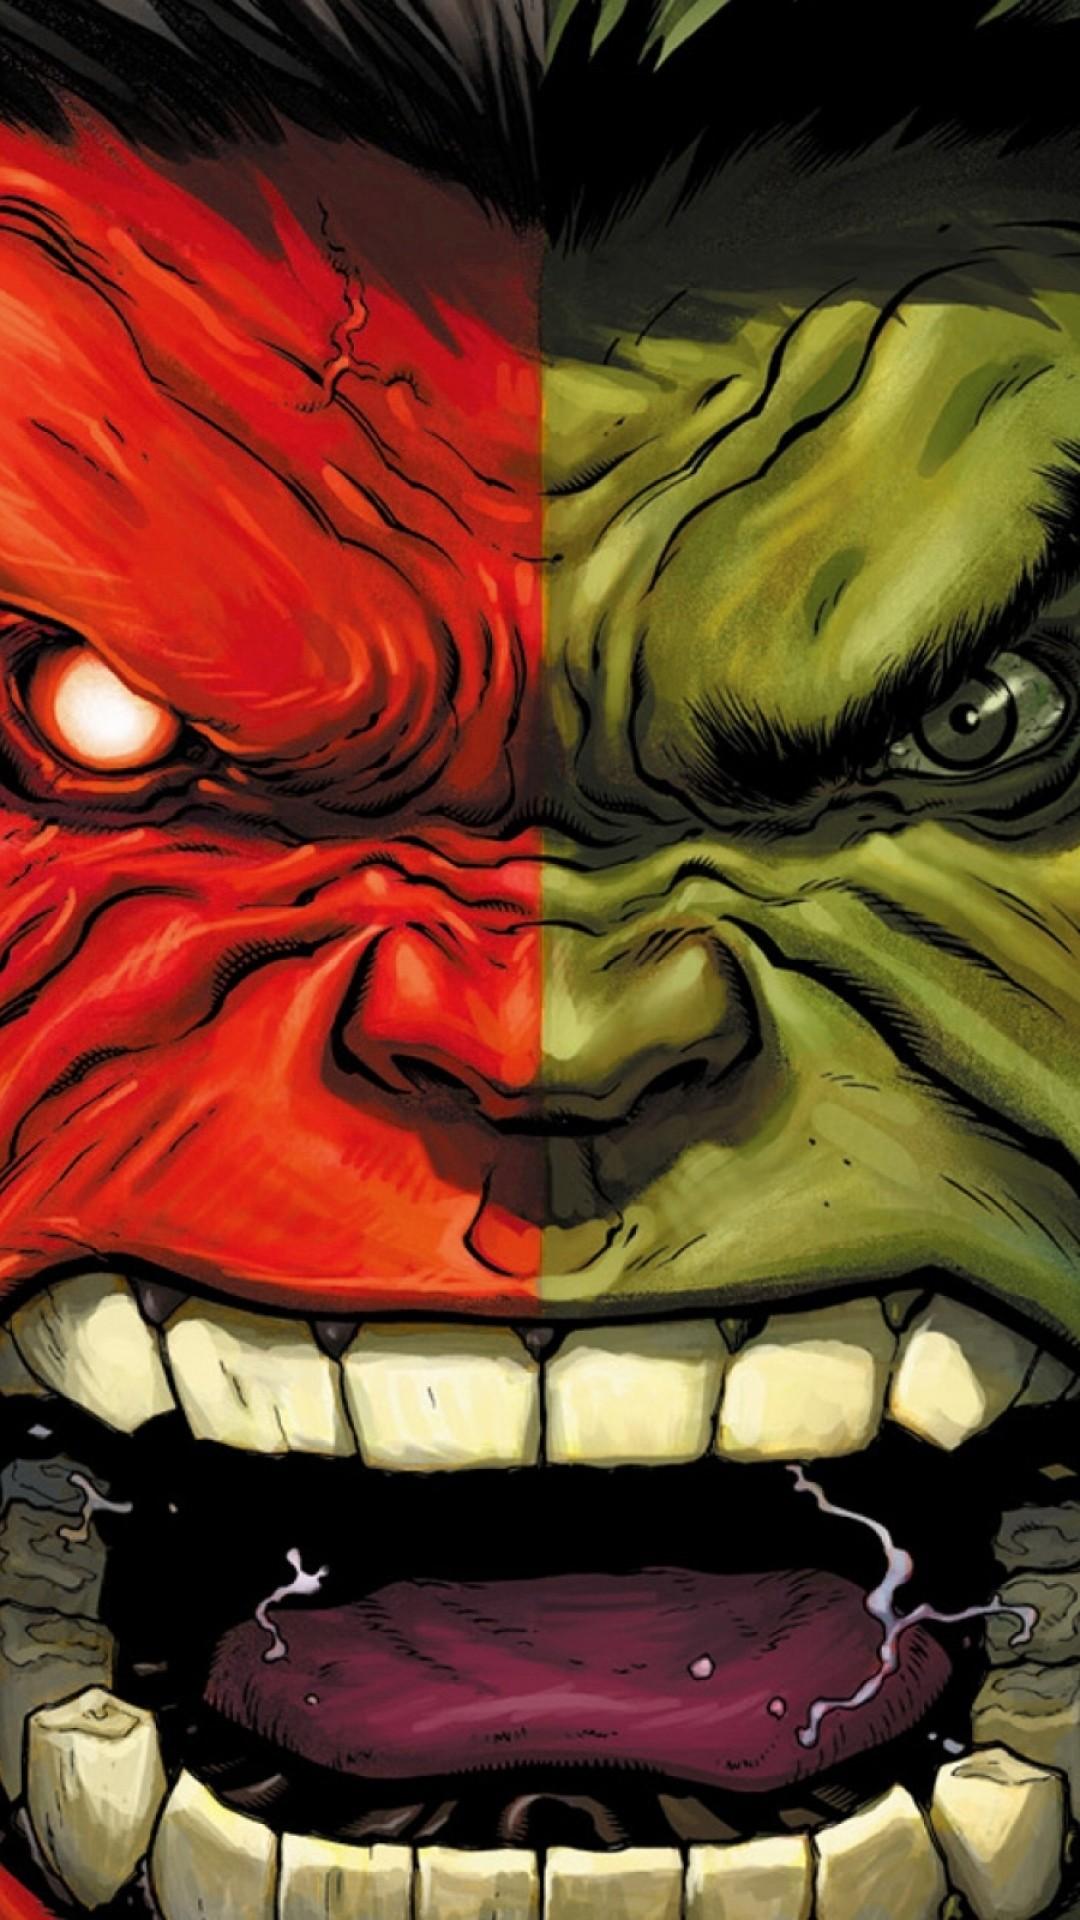 Red hulk wallpaper 70 images - Hulk hd images free download ...